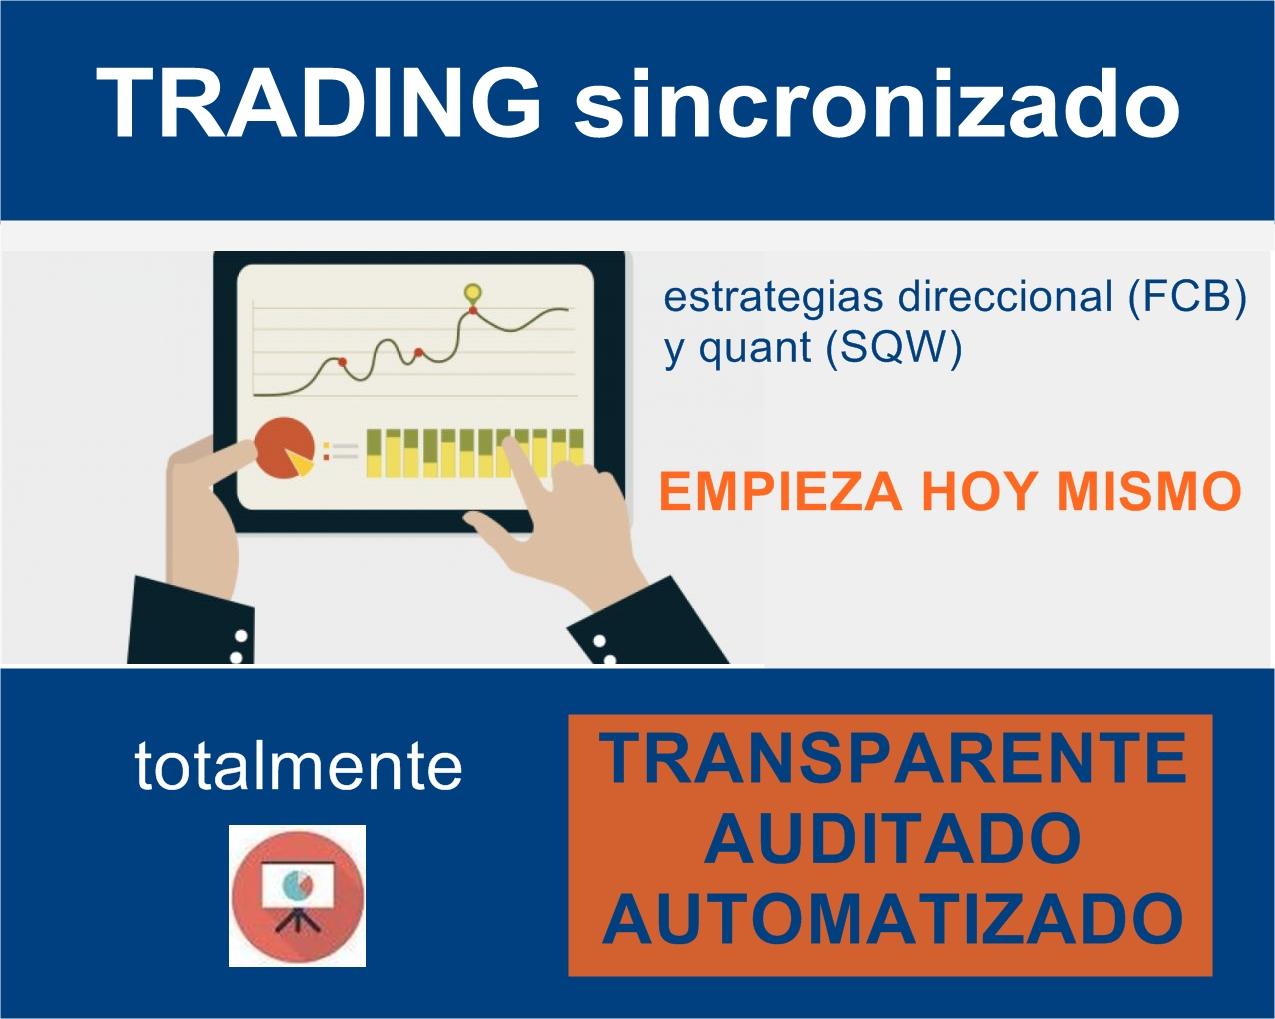 TRADING_SINCRONIZADO_BANNER(7)